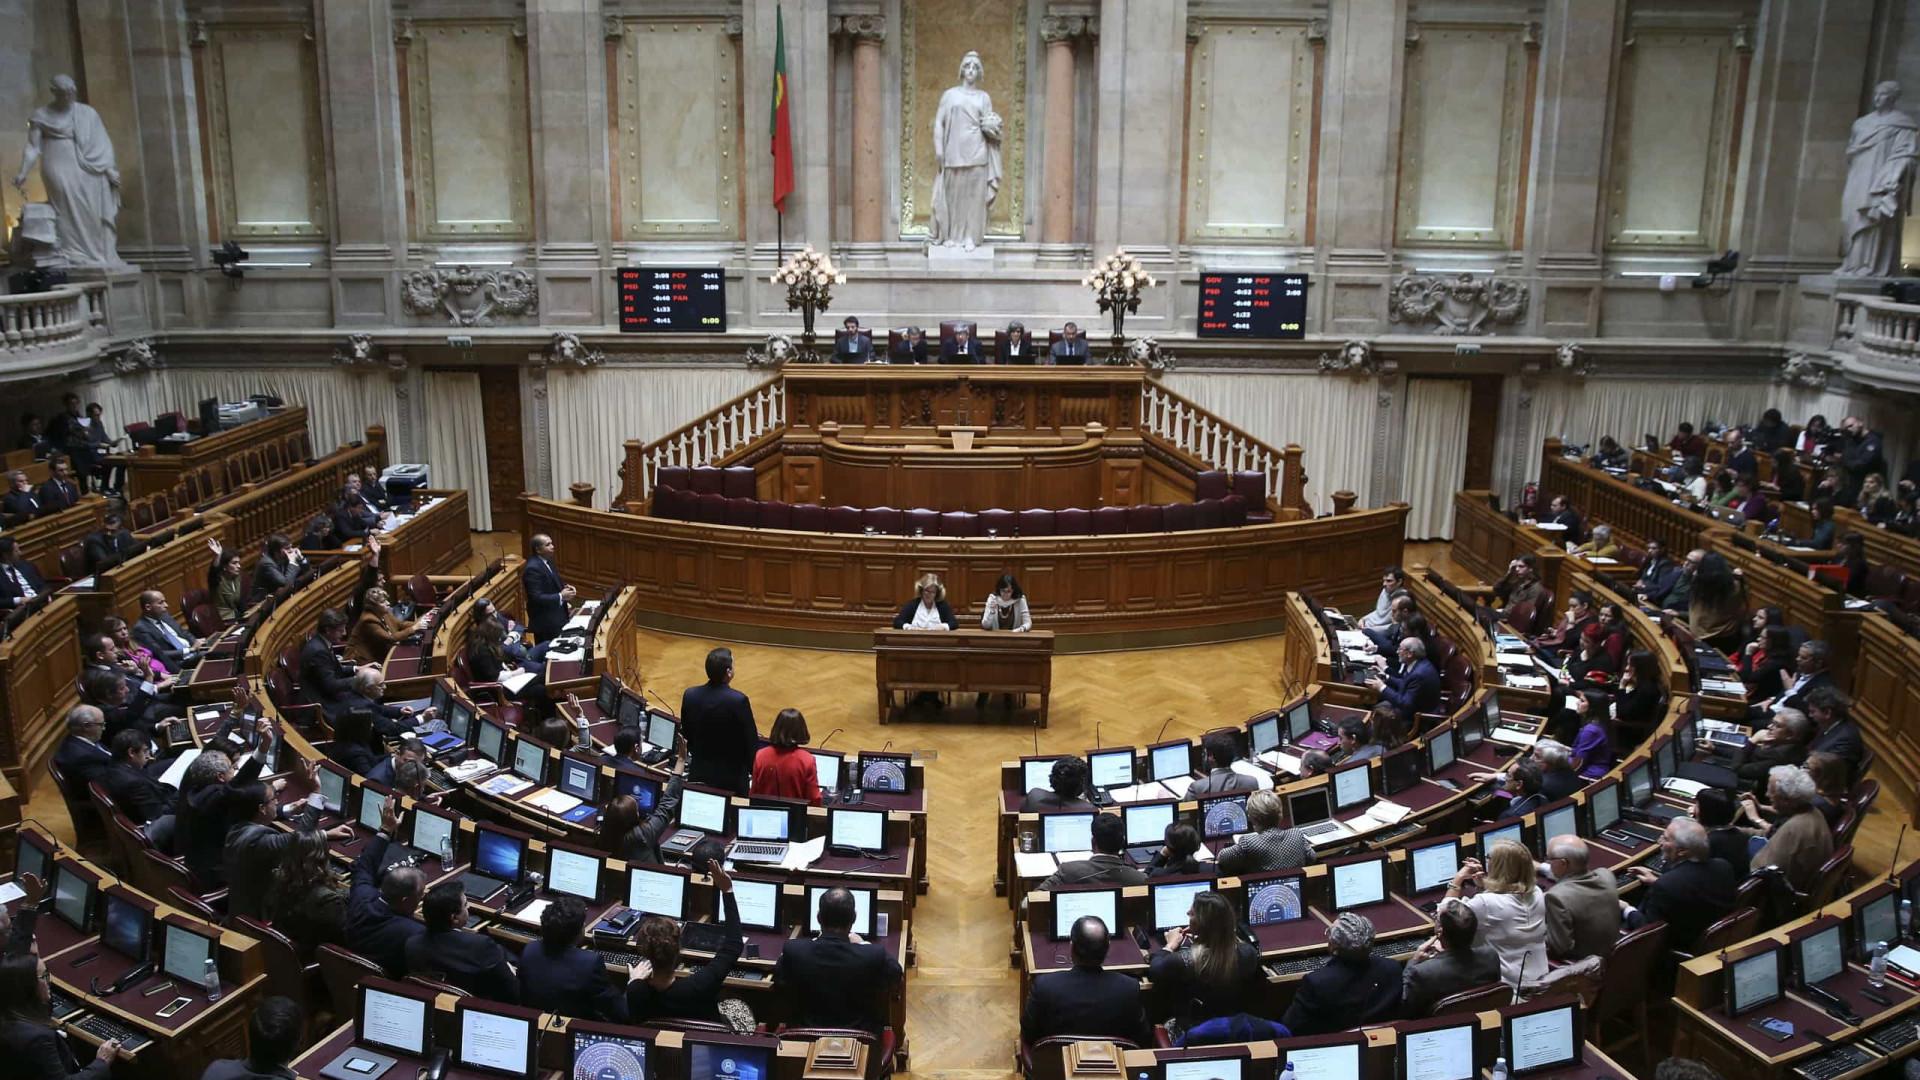 Orçamento começa hoje a ser votado com mais de 600 alterações propostas